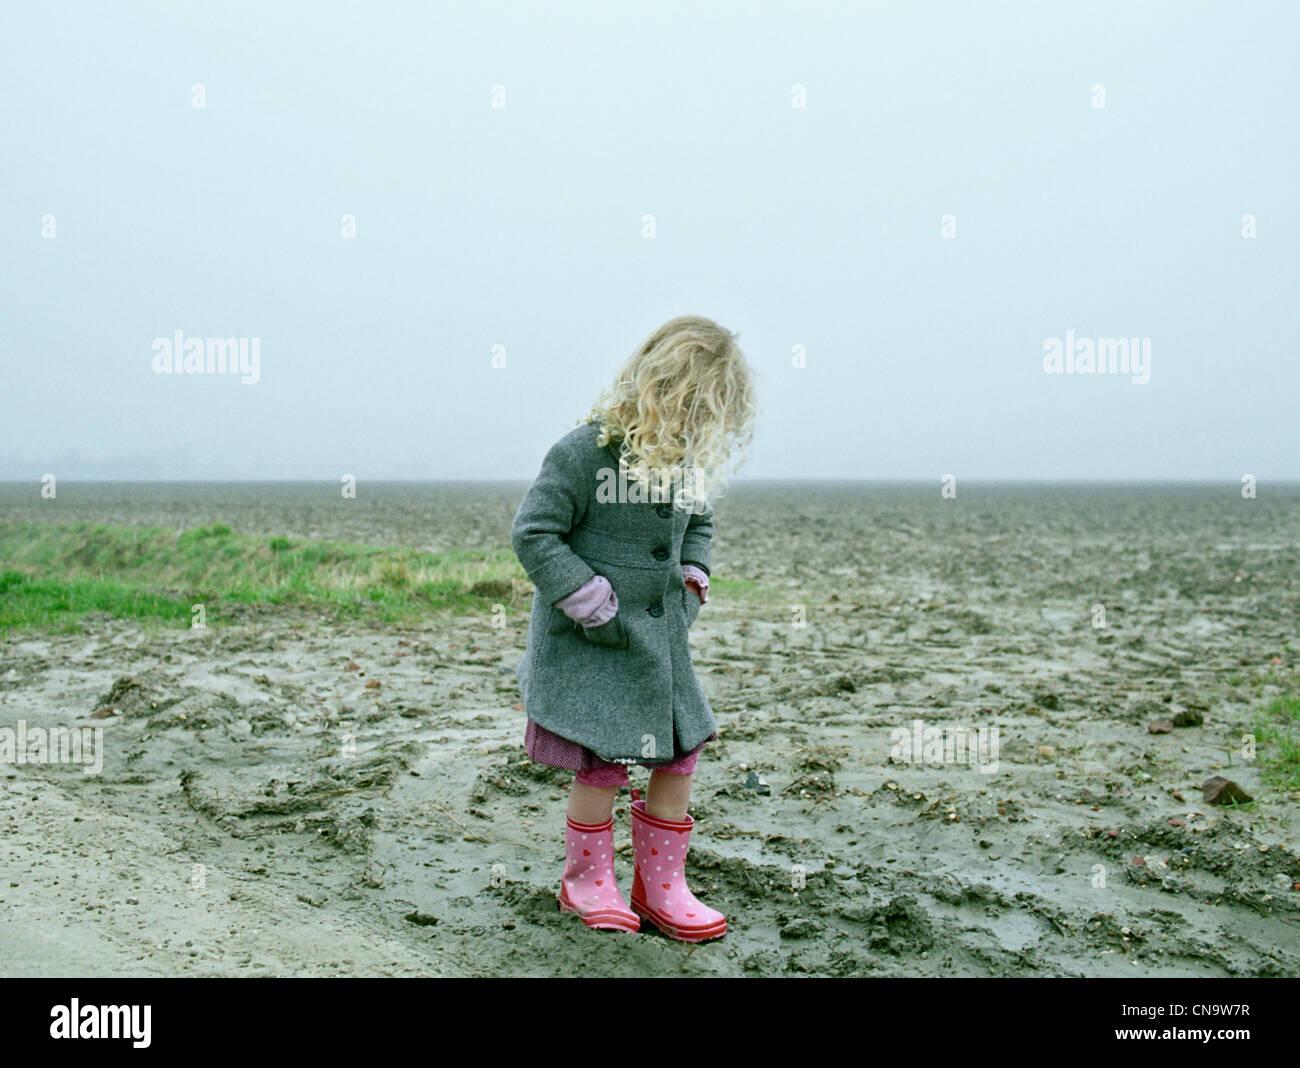 Girl wearing rainboots on beach Stock Photo